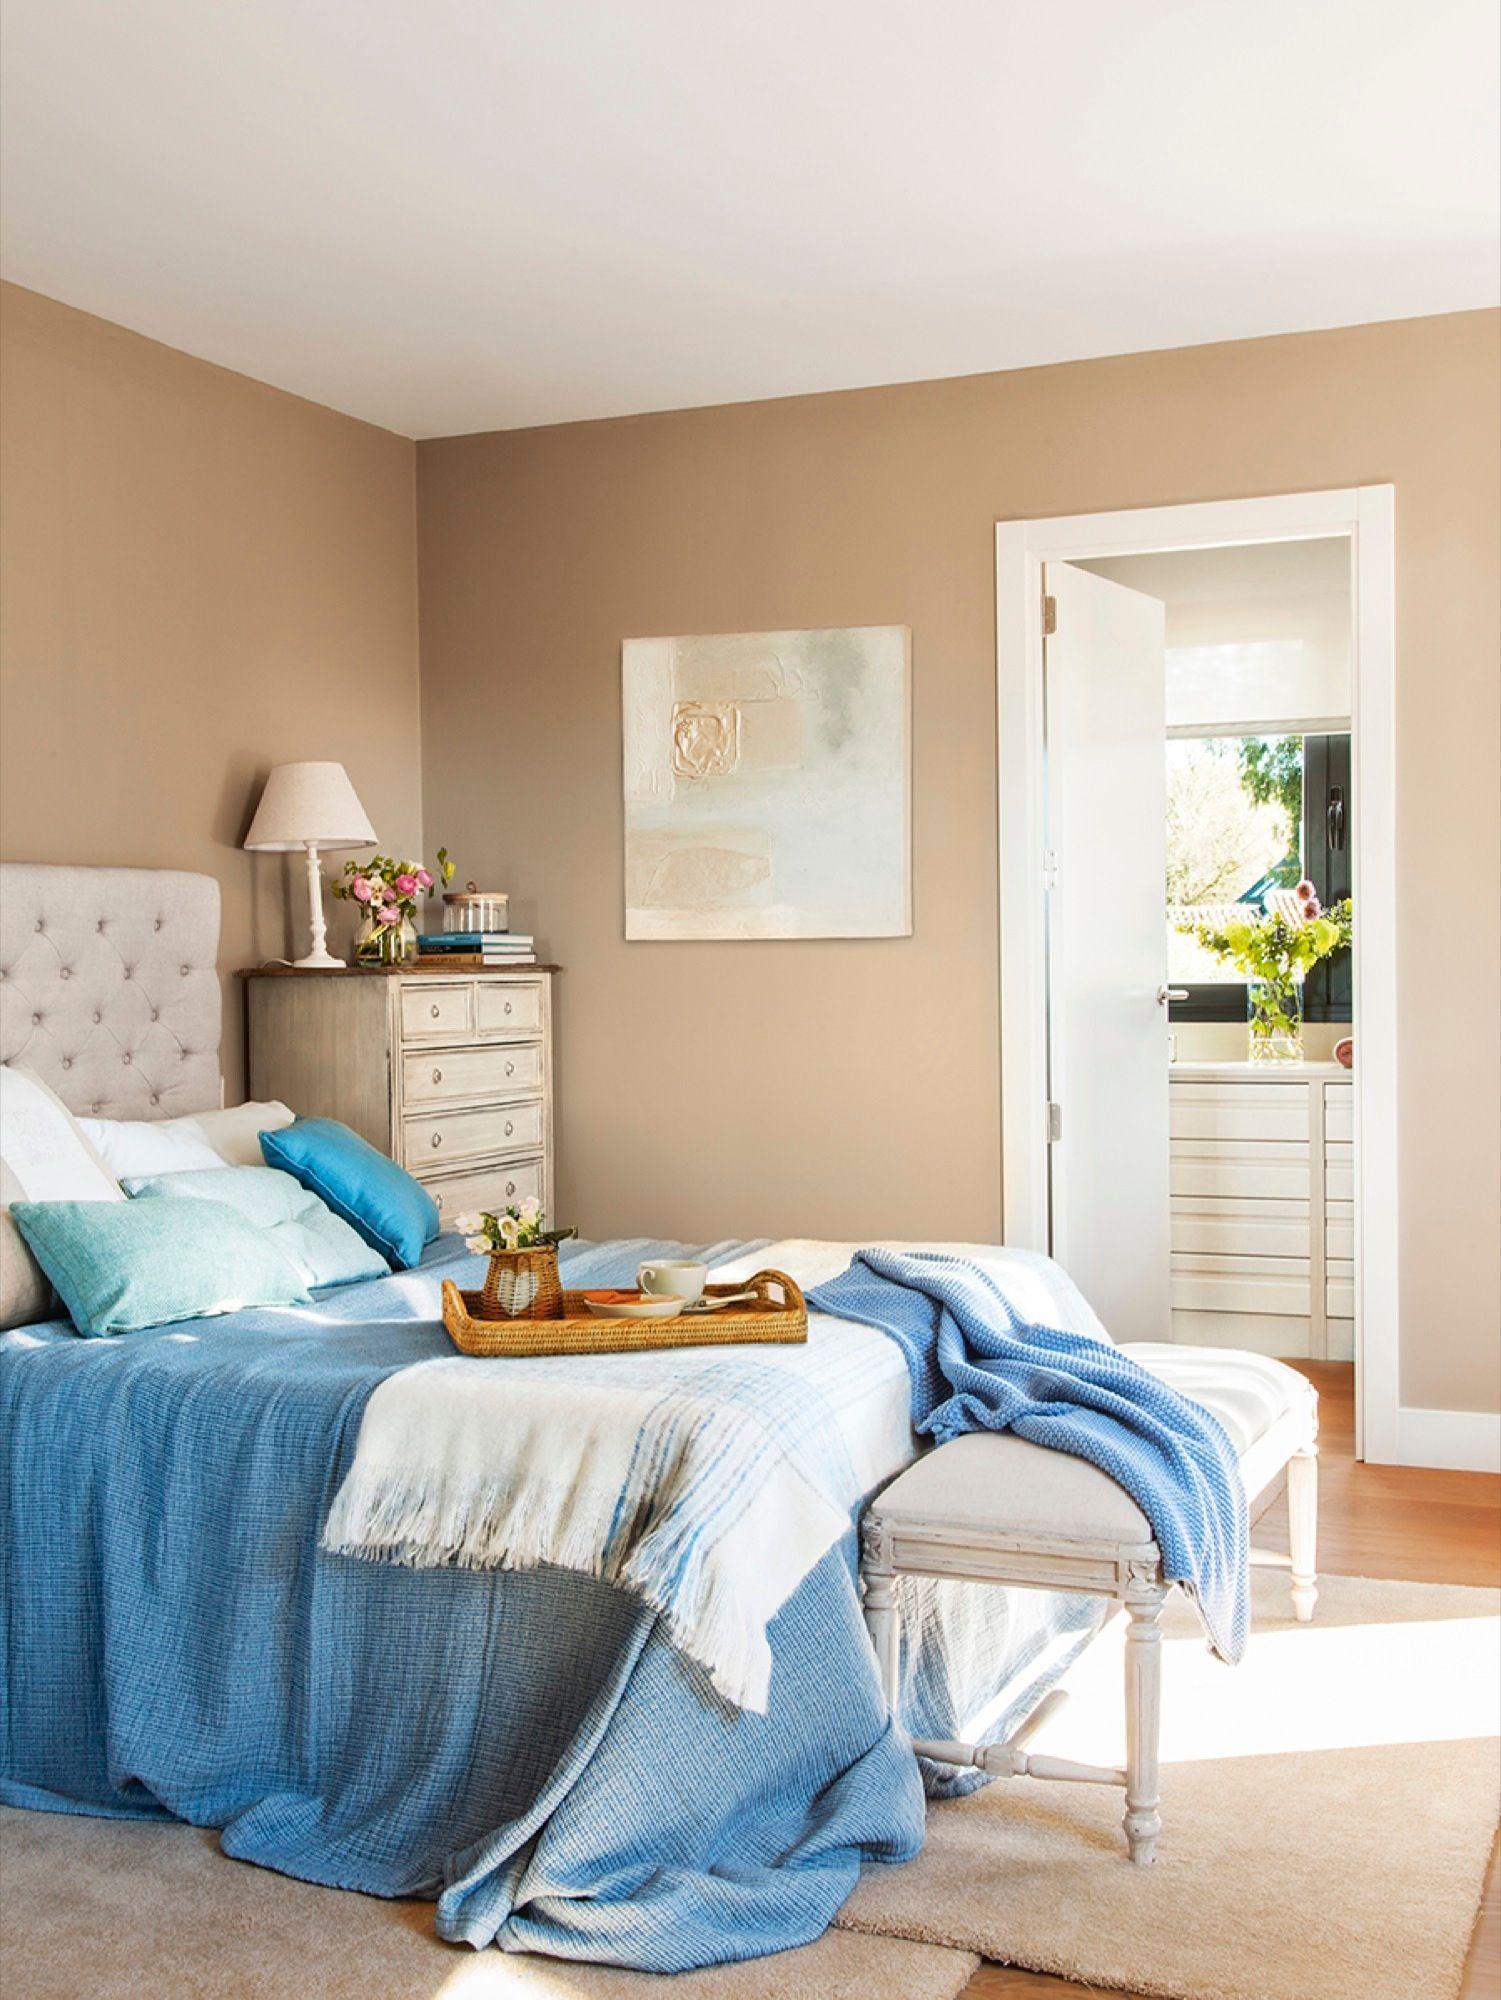 C mo pintar la casa sin ayuda de un pintor profesional - Quiero pintar mi casa ...